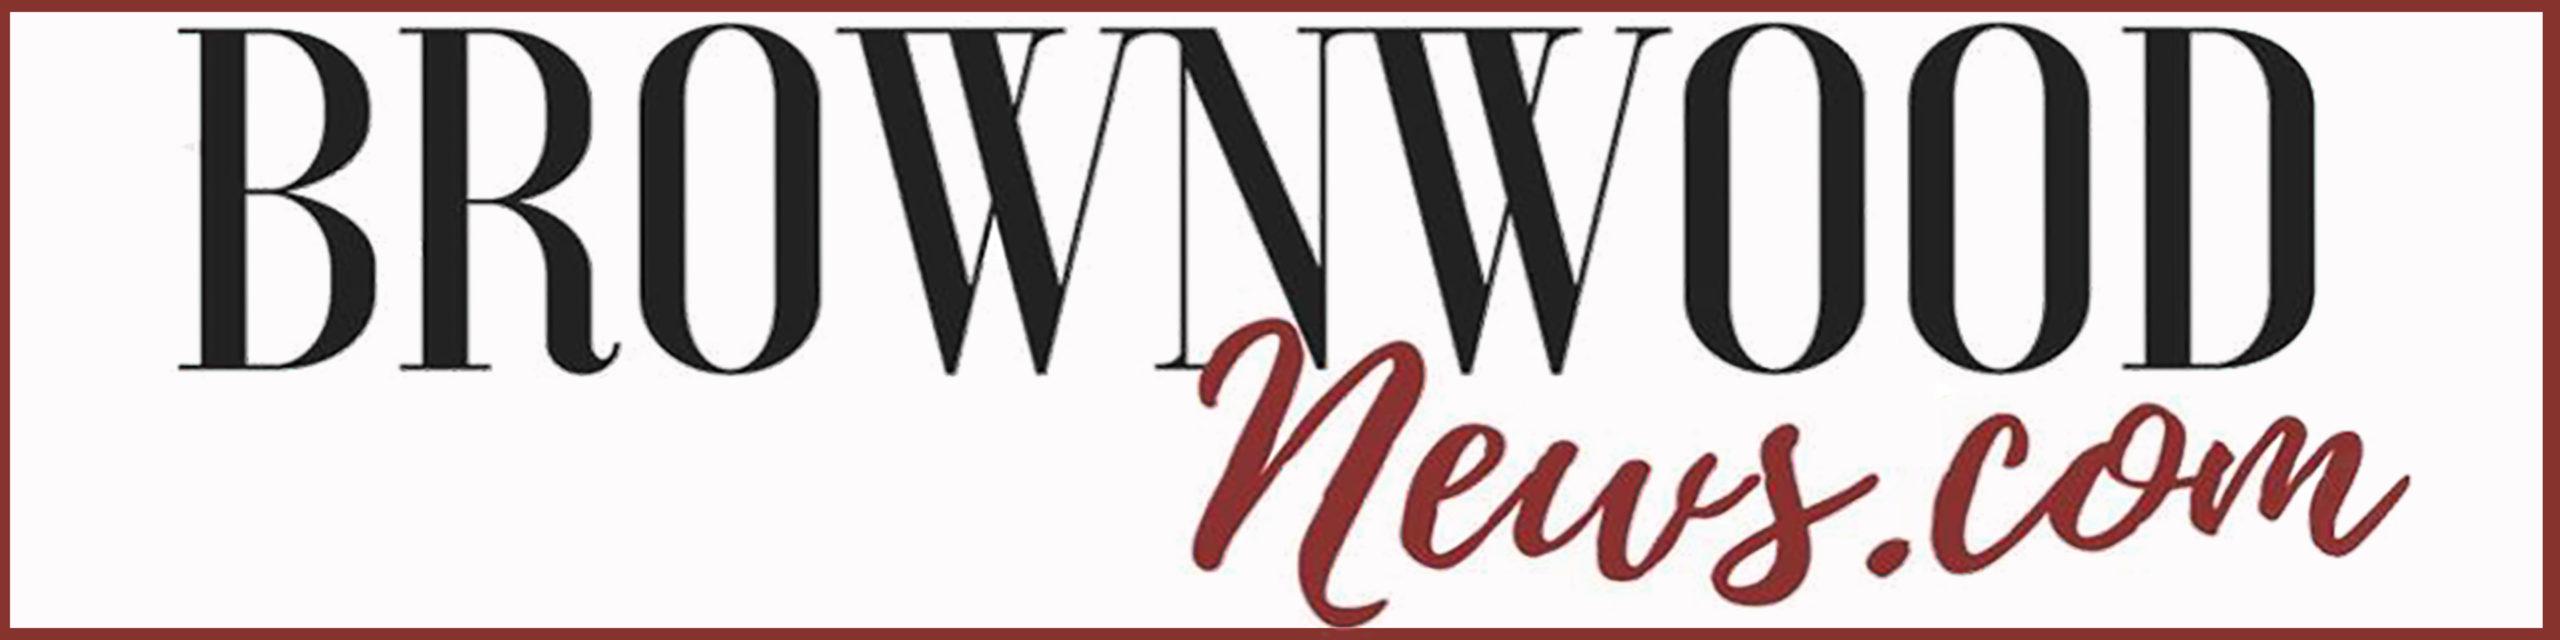 Brownwood News